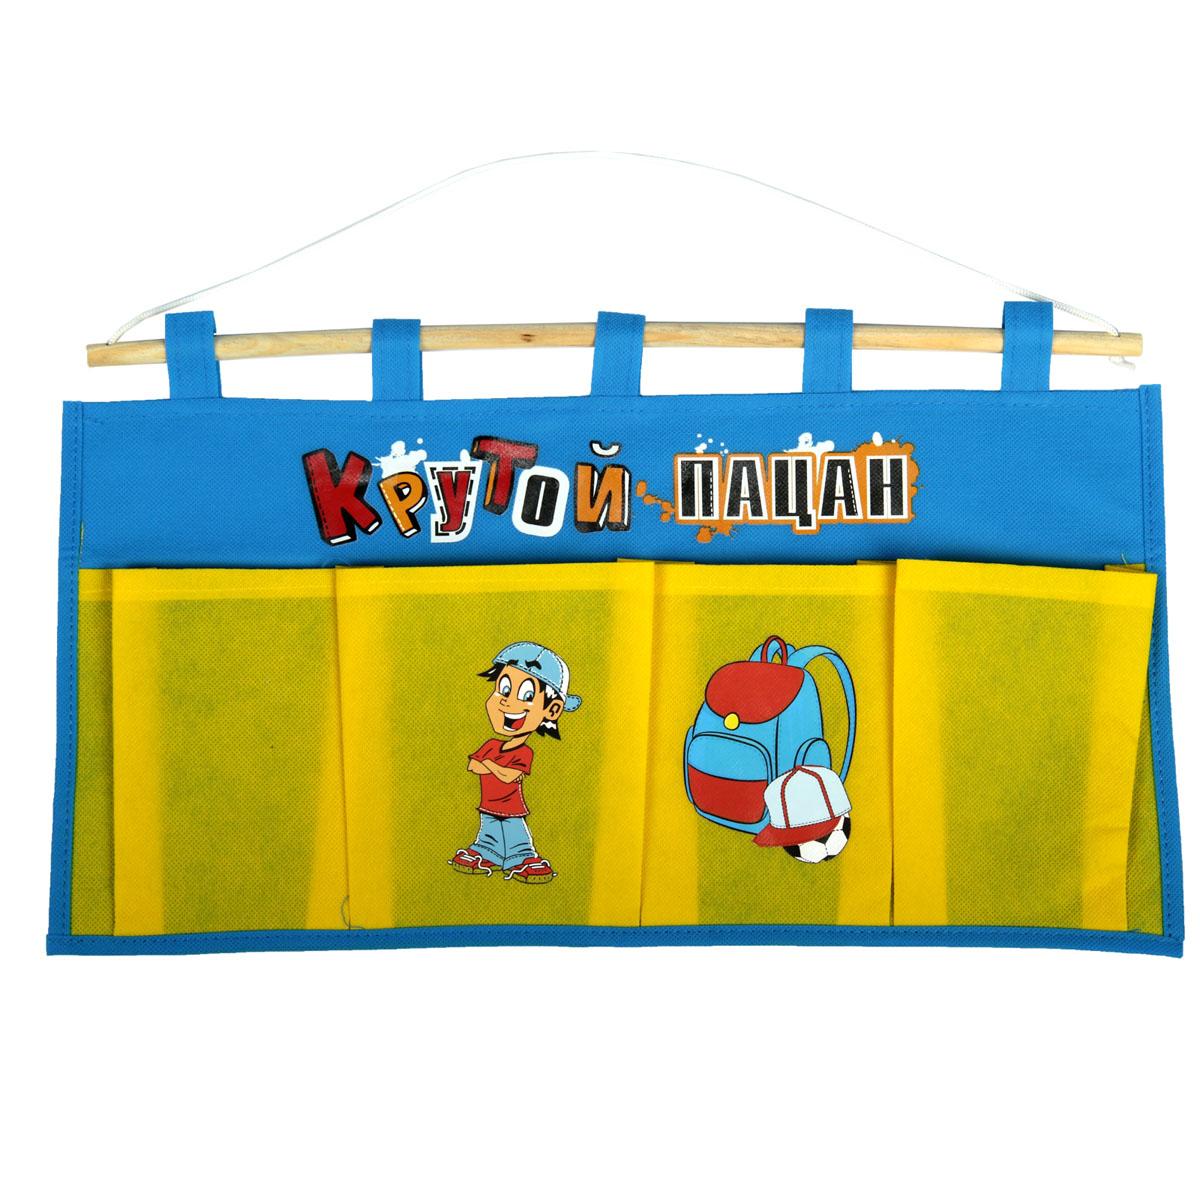 Кармашки на стену Sima-land Крутой пацан, цвет: голубой, желтый, красный, 4 шт842447Кармашки на стену Sima-land «Крутой пацан», изготовленные из текстиля, предназначены для хранения необходимых вещей, множества мелочей в гардеробной, ванной, детской комнатах. Изделие представляет собой текстильное полотно с четырьмя пришитыми кармашками. Благодаря деревянной планке и шнурку, кармашки можно подвесить на стену или дверь в необходимом для вас месте. Кармашки декорированы изображениями мальчика, рюкзака, футбольного мяча и надписью «Крутой пацан». Этот нужный предмет может стать одновременно и декоративным элементом комнаты. Яркий дизайн, как ничто иное, способен оживить интерьер вашего дома.